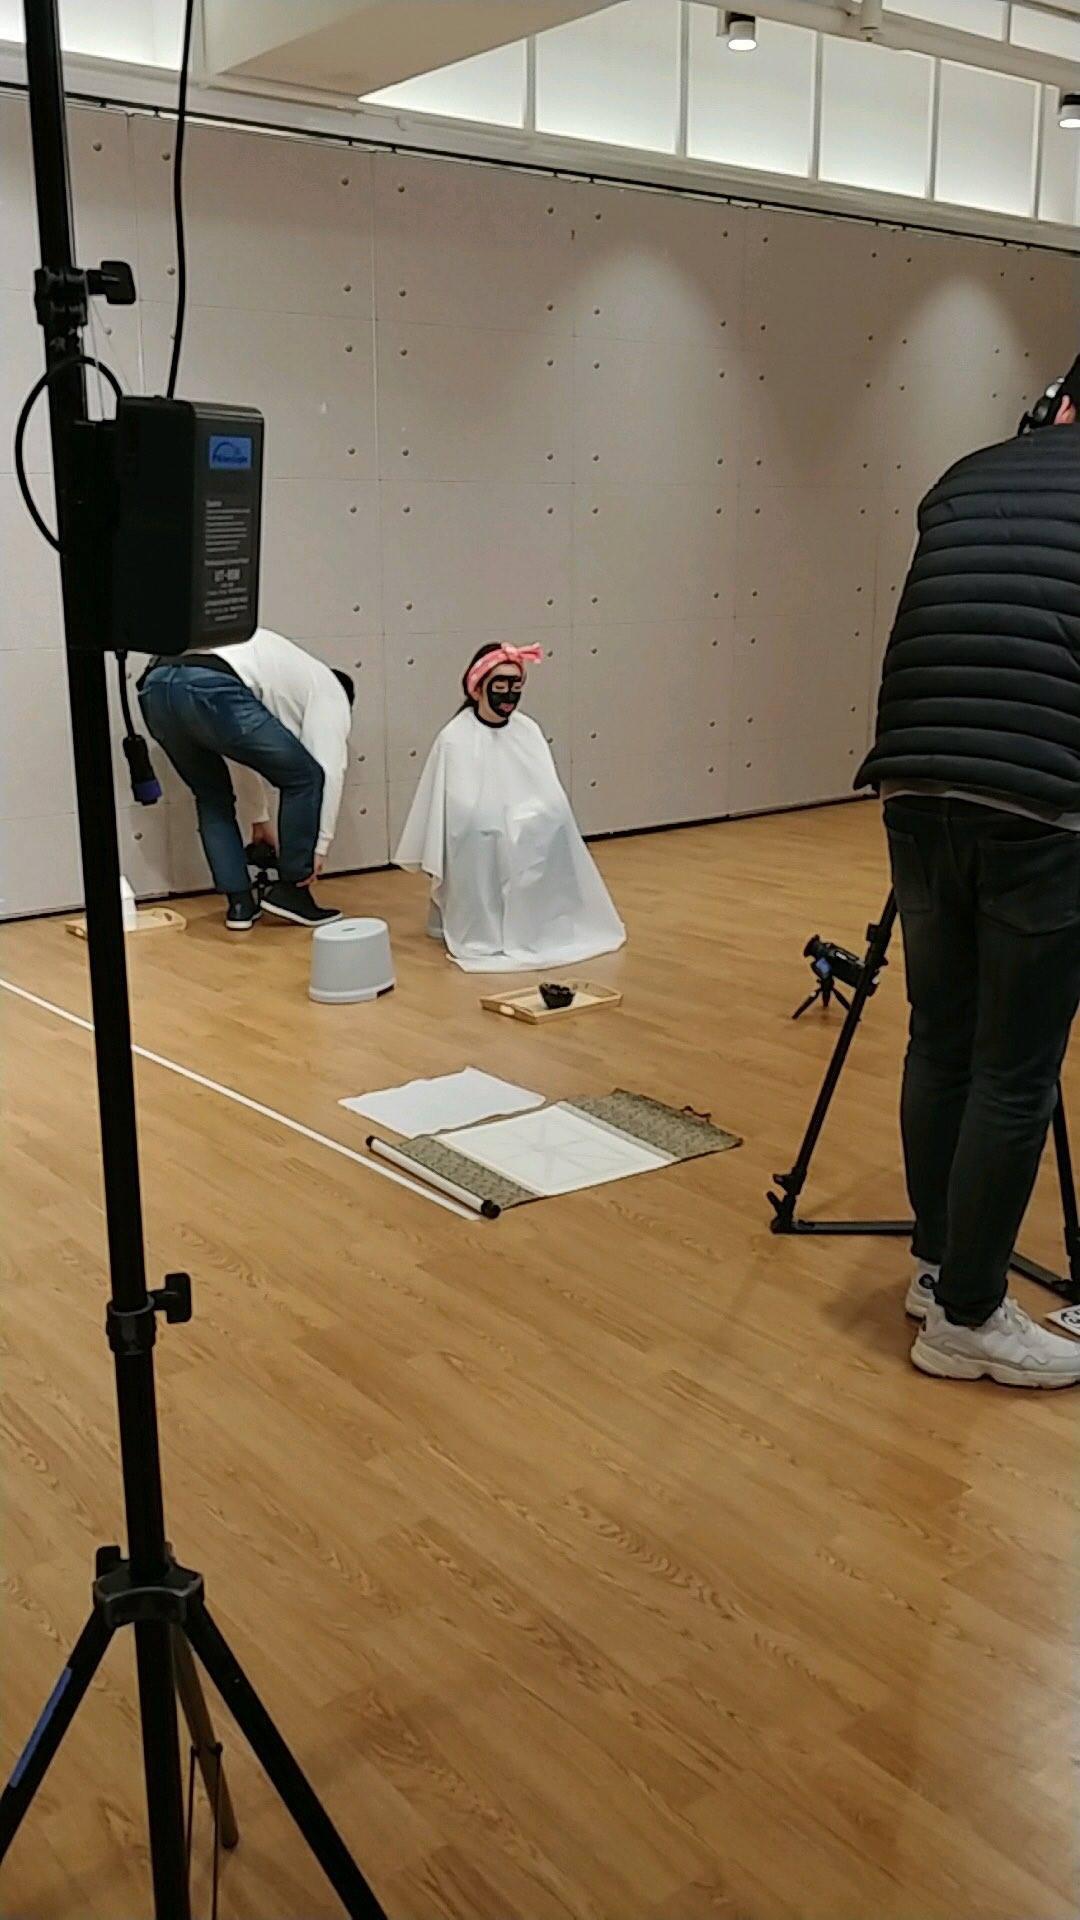 Chán đắp mặt nạ, nữ thần Irene nhà SM đắp mặt bằng mực để vẽ chân dung cho nhanh - Ảnh 2.